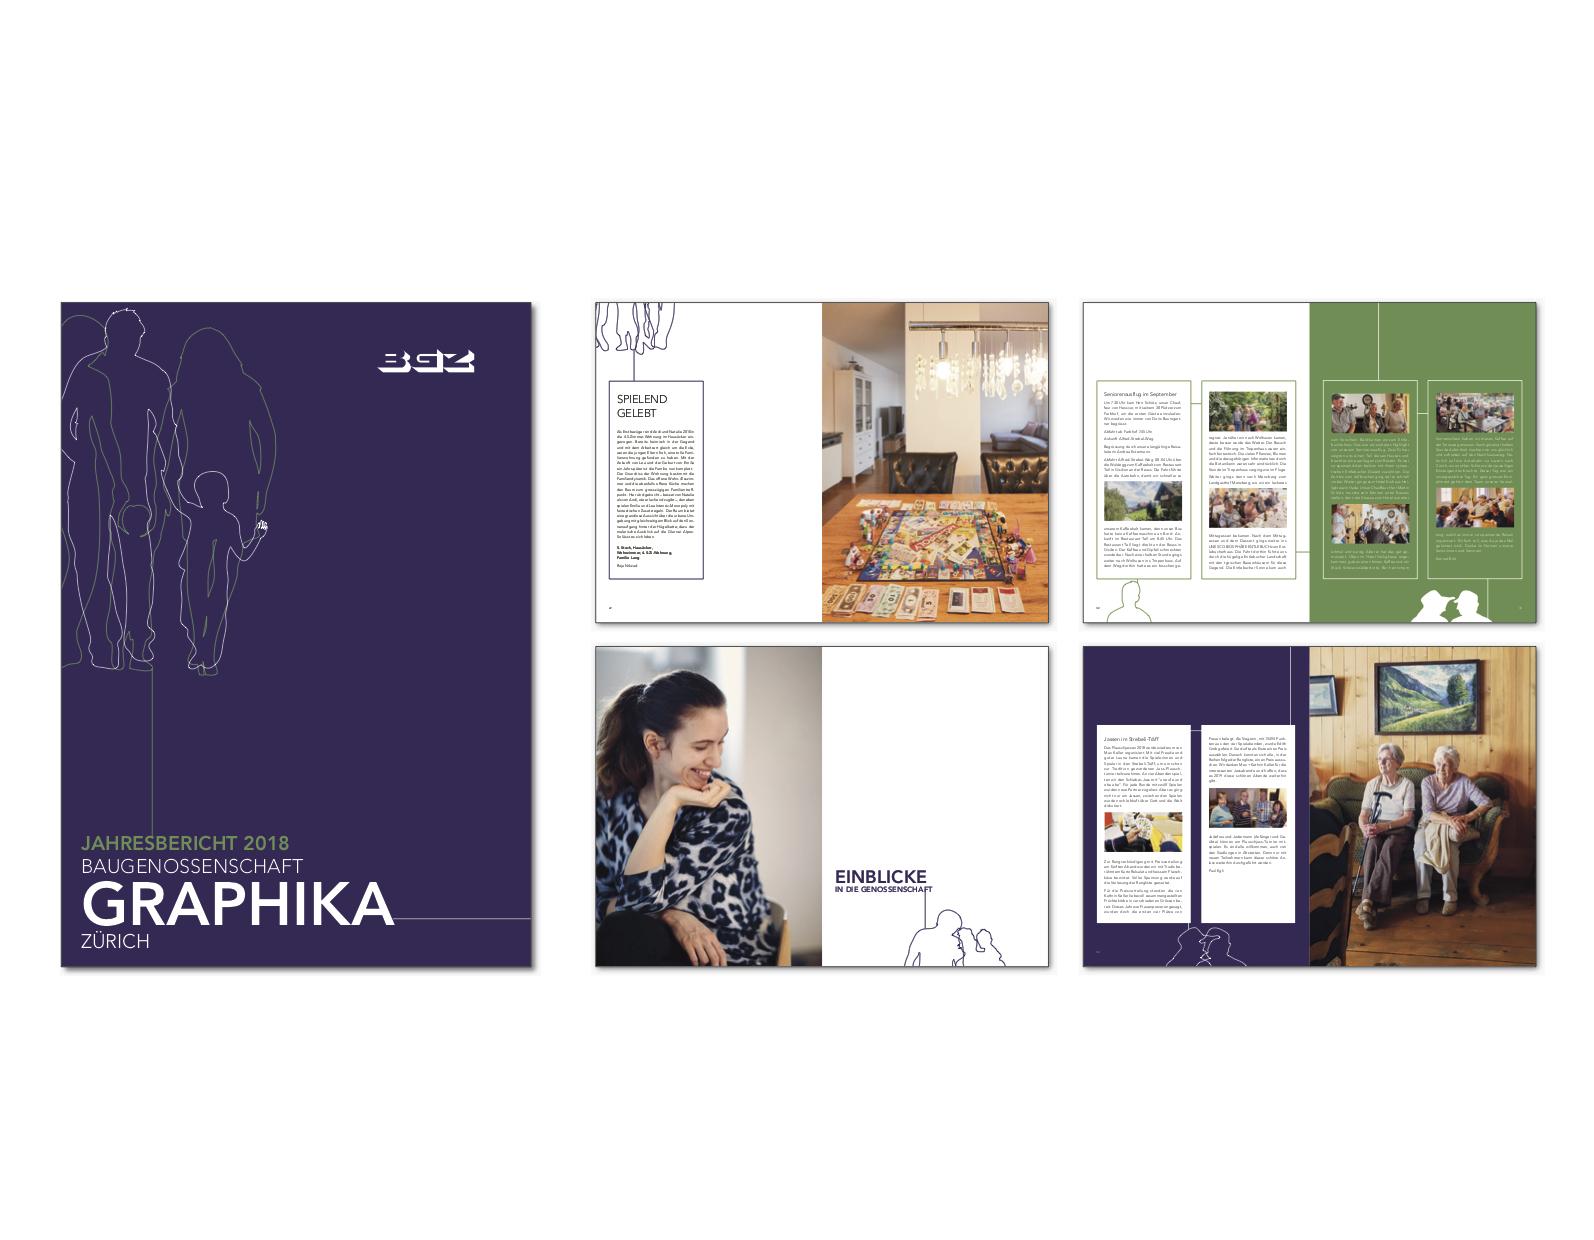 Portfolio-Baugenossenschaft Graphika-Jahresbericht-2018.jpg